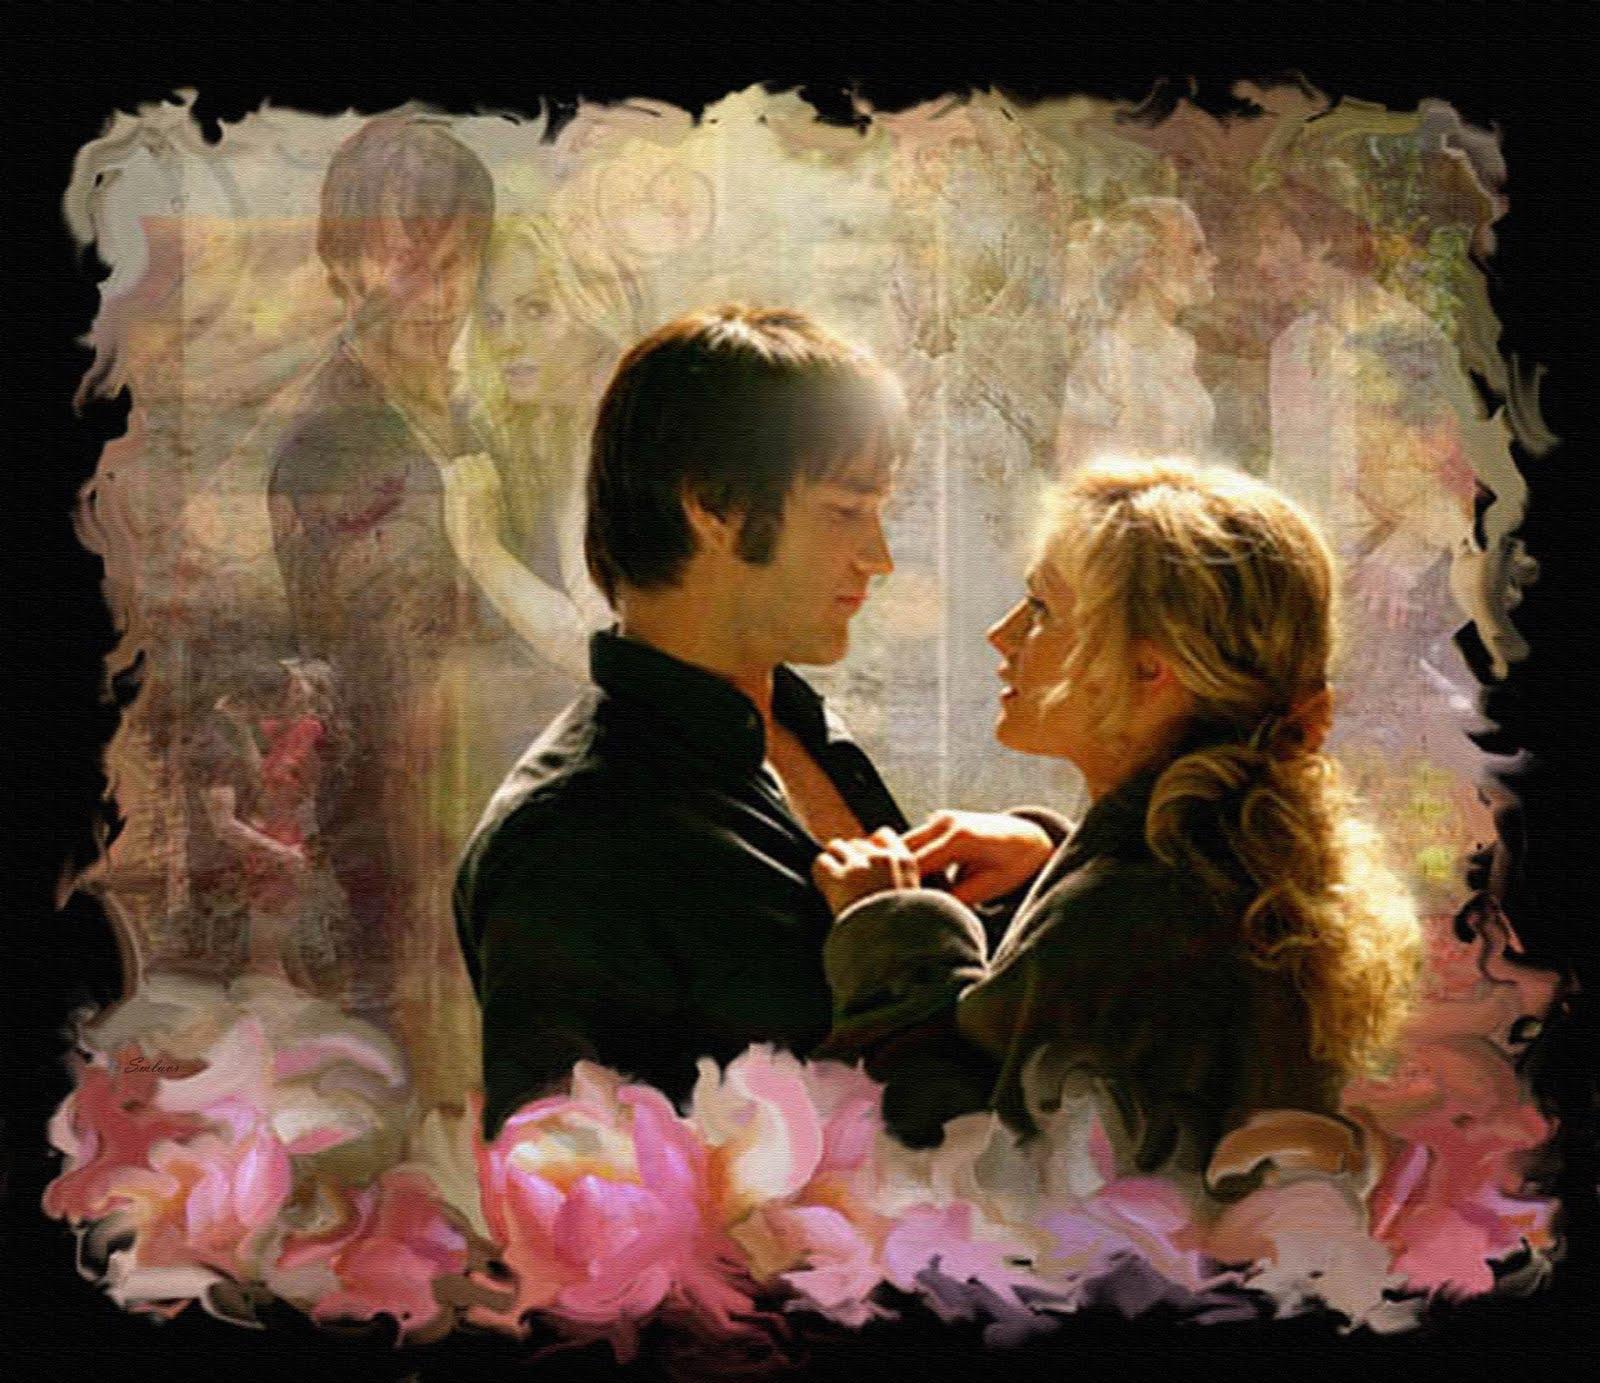 Romantic Love Images Romance